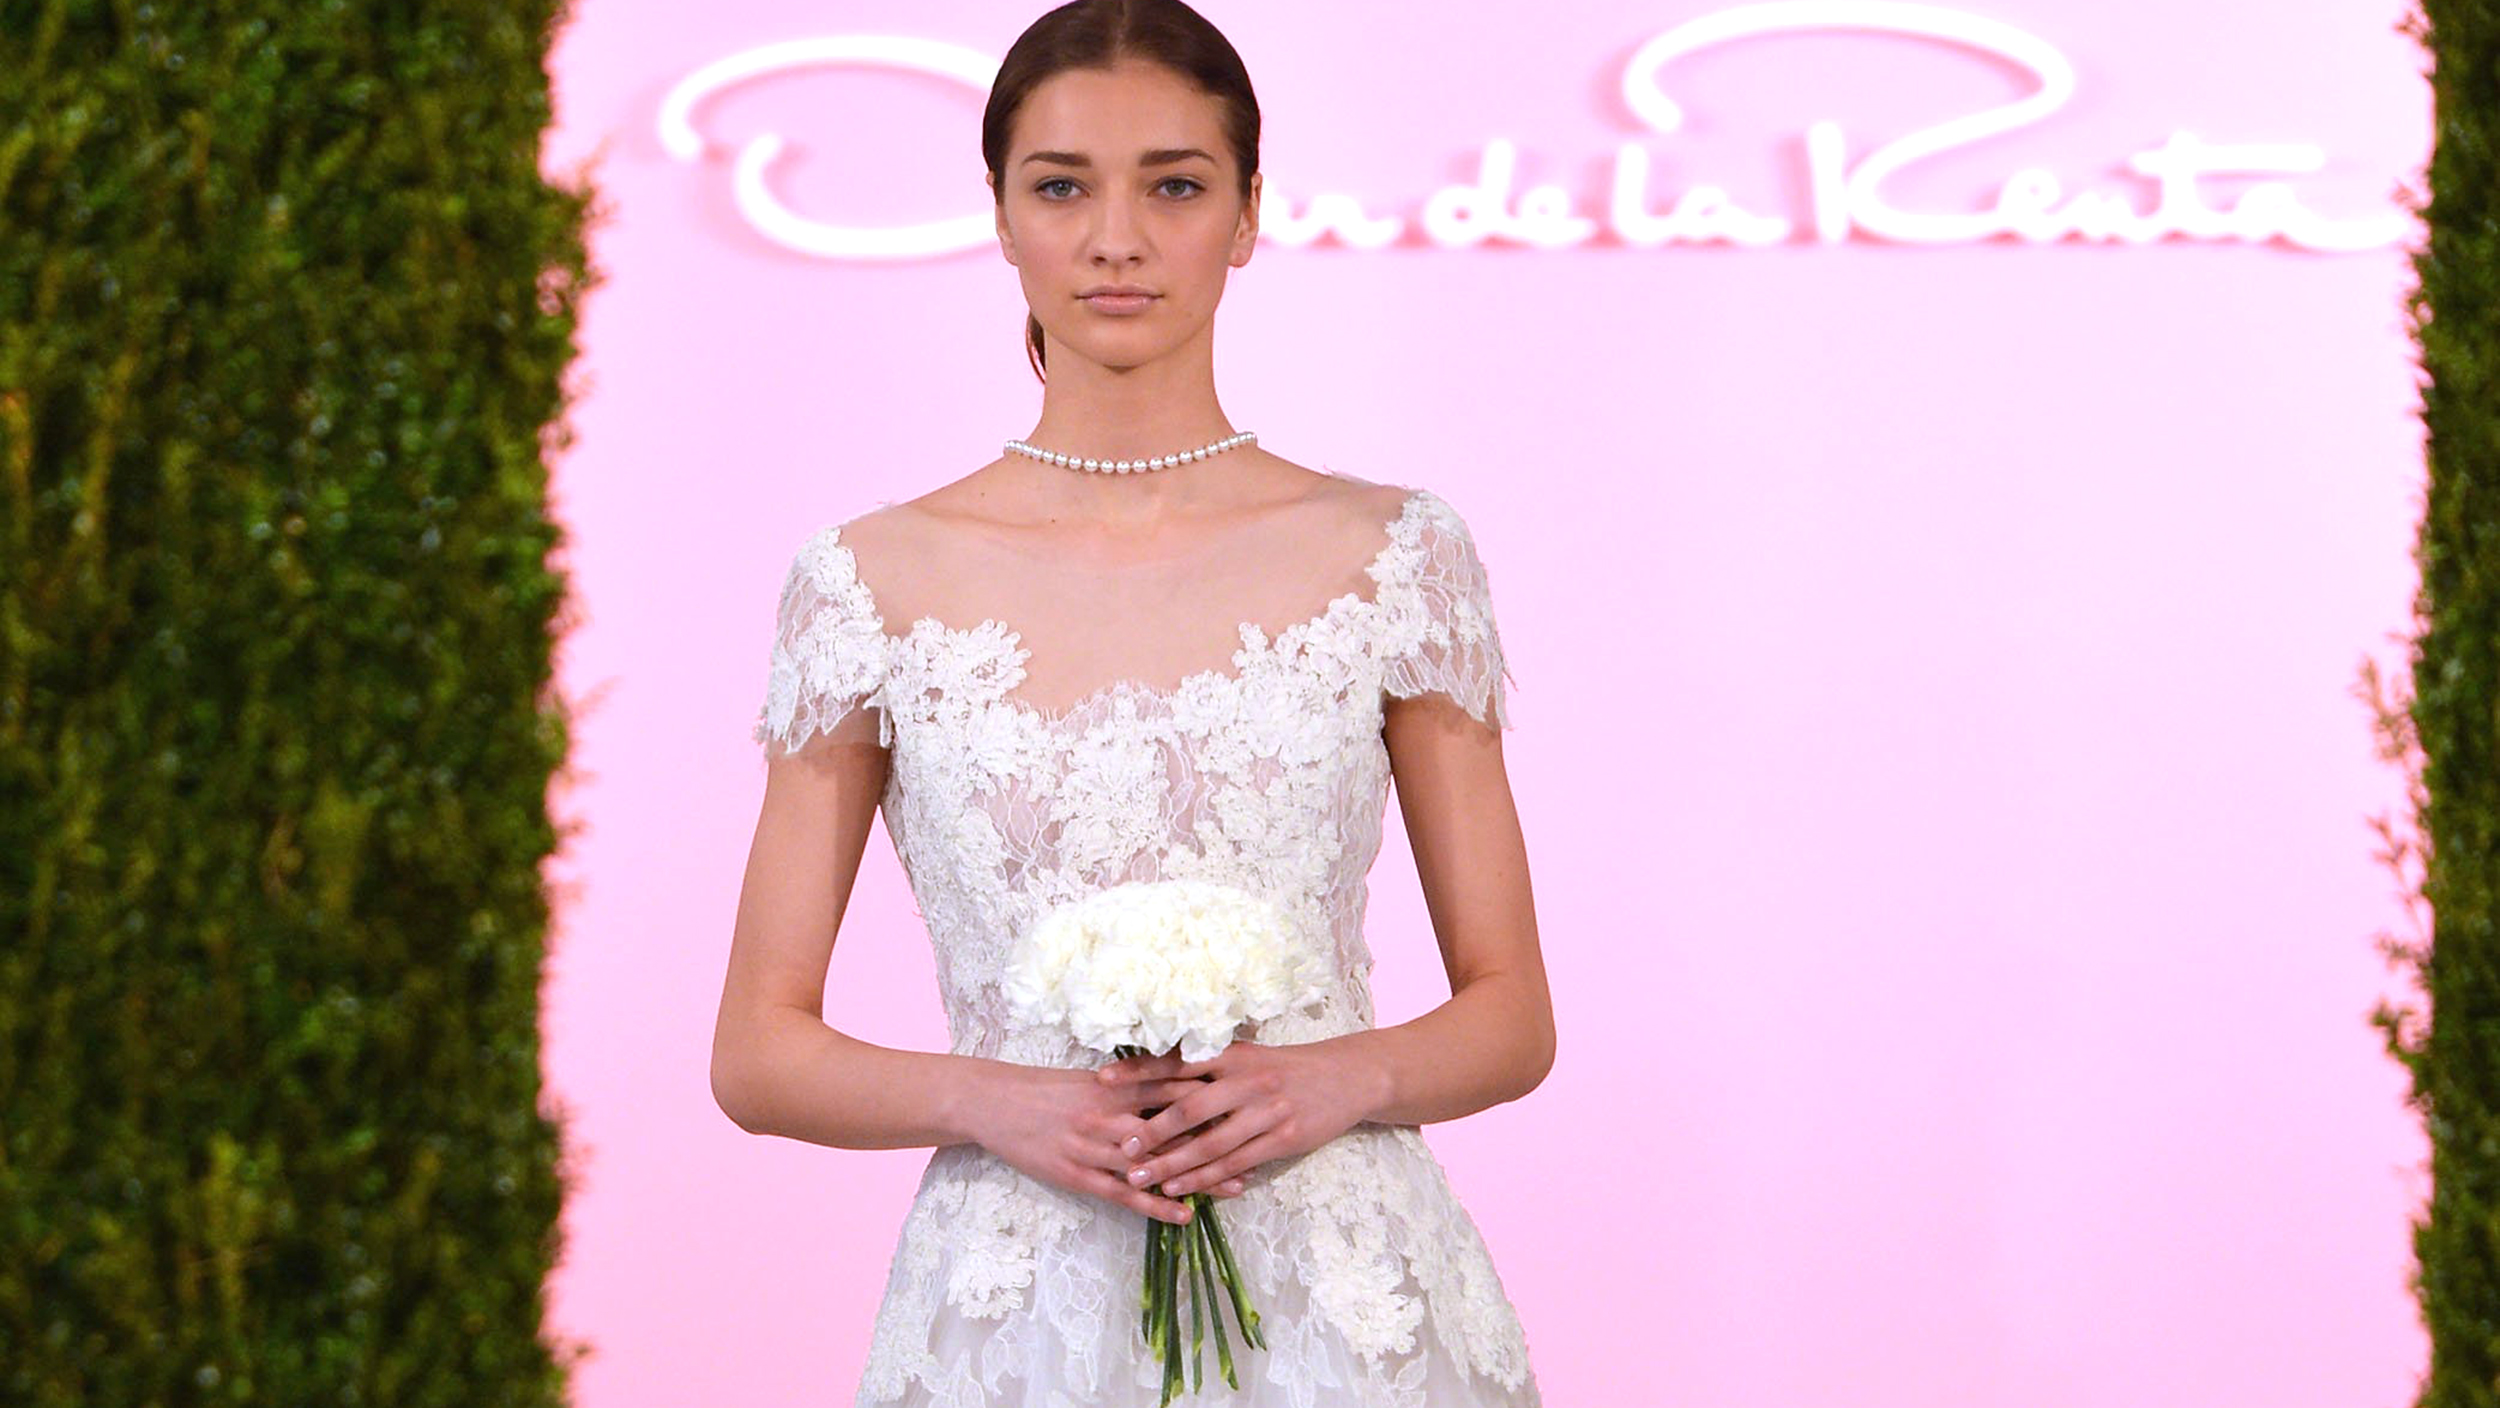 Bridal Fashion Week 2015 of Bridal Fashion Week